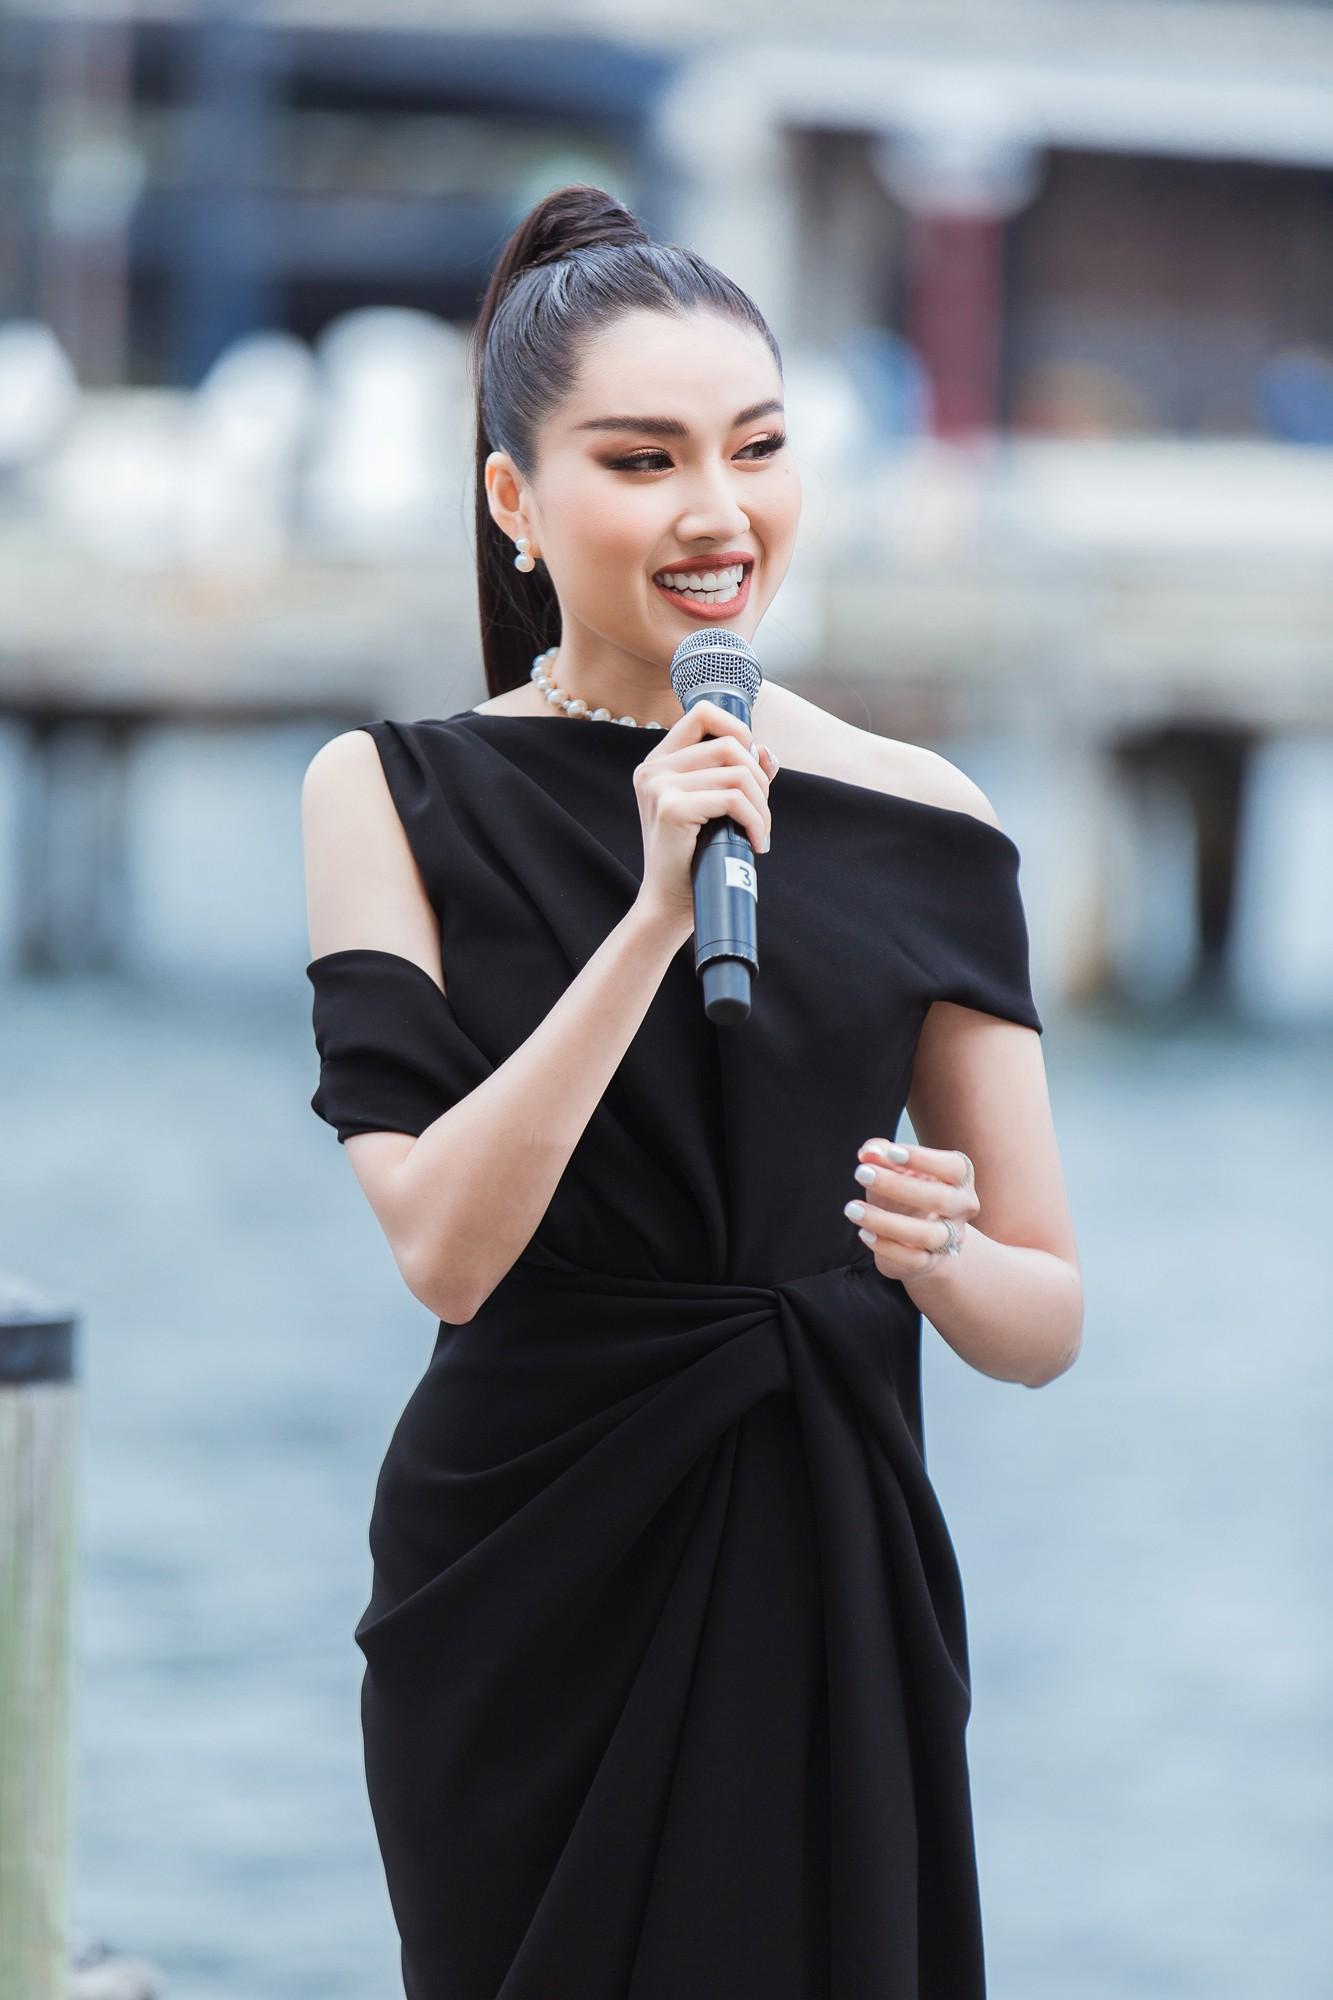 Show mới nhất của Đỗ Mạnh Cường tại Úc: Hà Tăng kín như bưng vẫn đẹp ngút trời, Mỹ Linh và Tiểu Vy trông đều khác lạ - Ảnh 11.